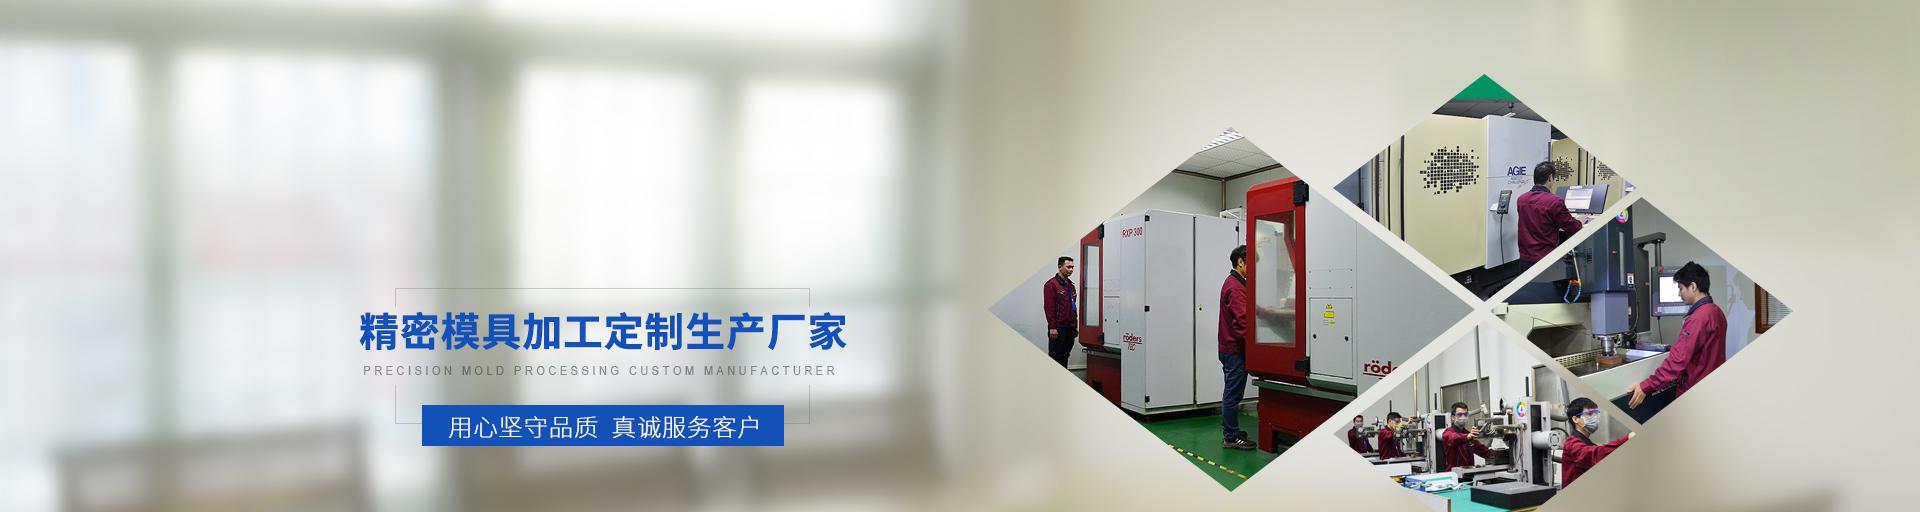 捷辉创-精密模具加工定制生产厂家